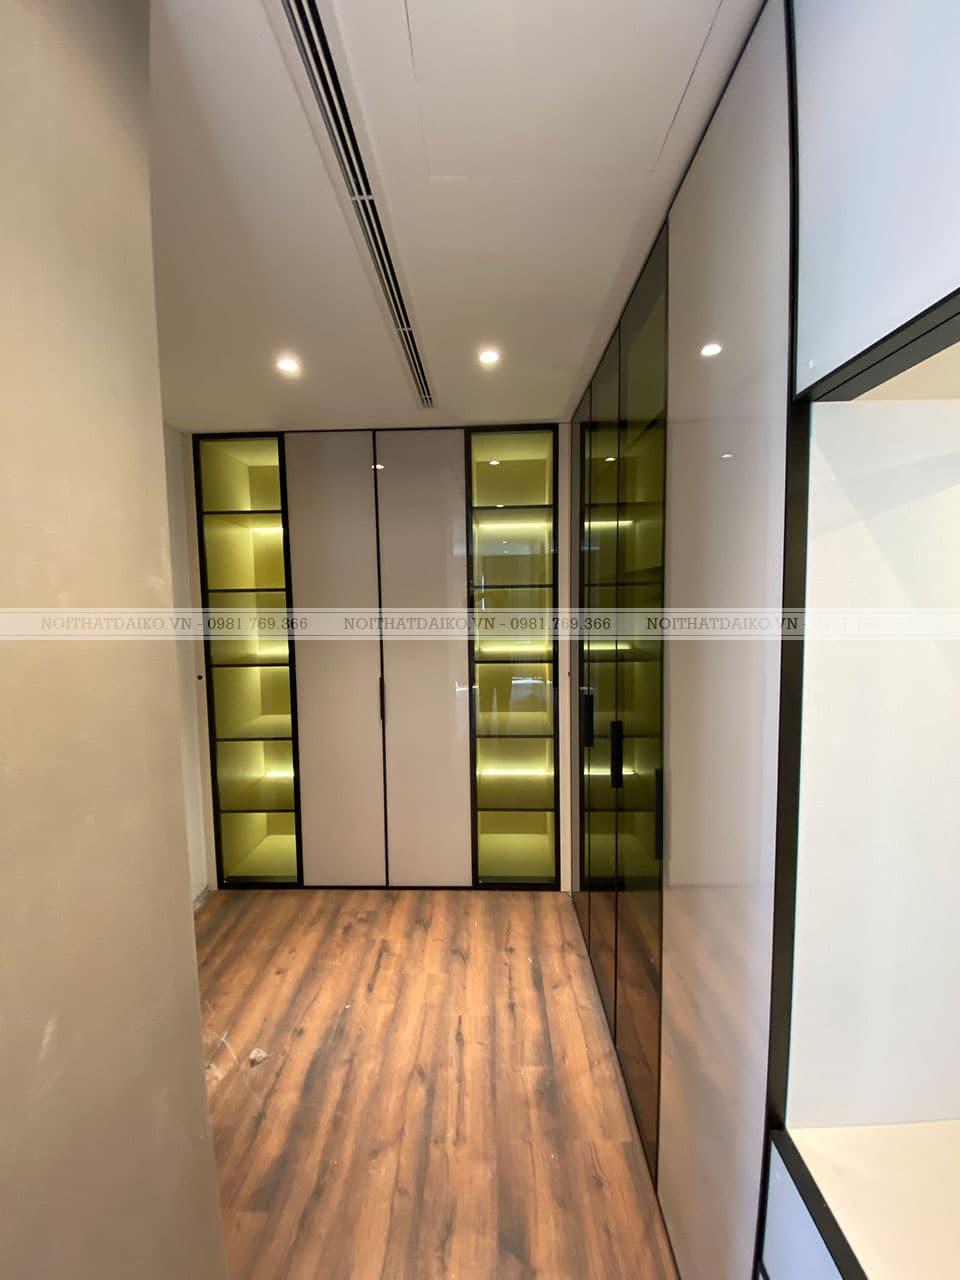 Tủ áo cánh kính bản nhôm 24 cửa mở bản lề treo trên dưới